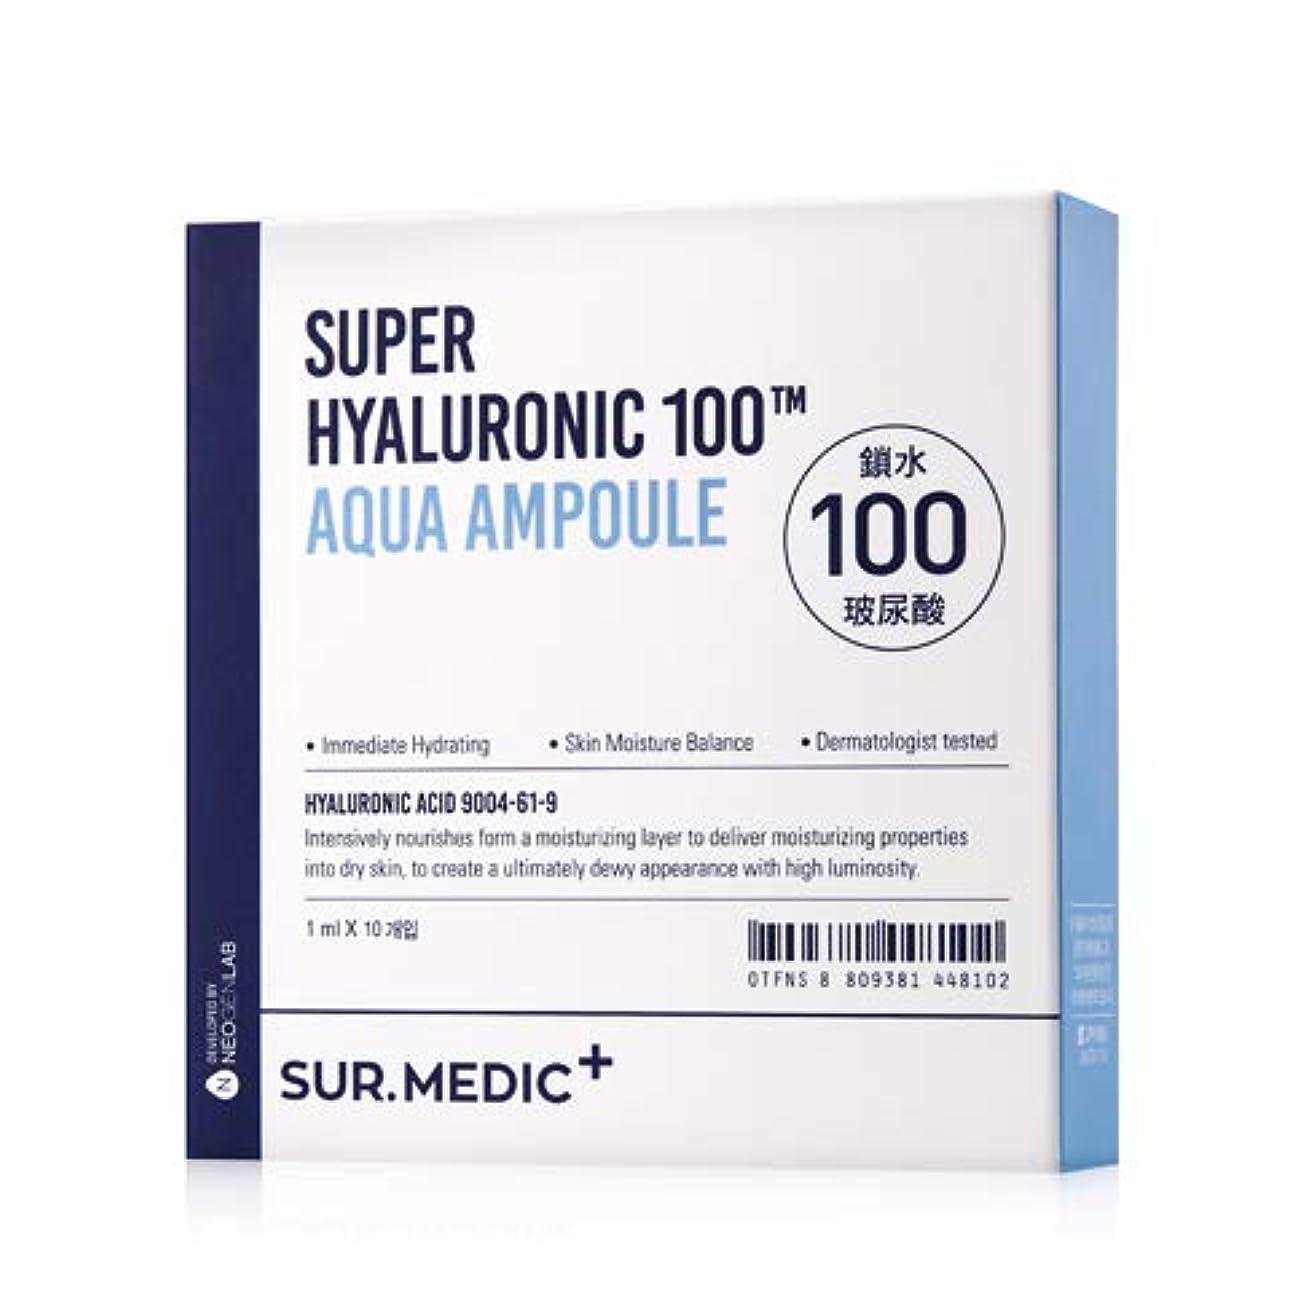 バーター状劇作家SUR.MEDIC スーパーヒアルロン酸100アクアアンプル1mlx10EA / Super Hyaluronic 100 Aqua Ampoule